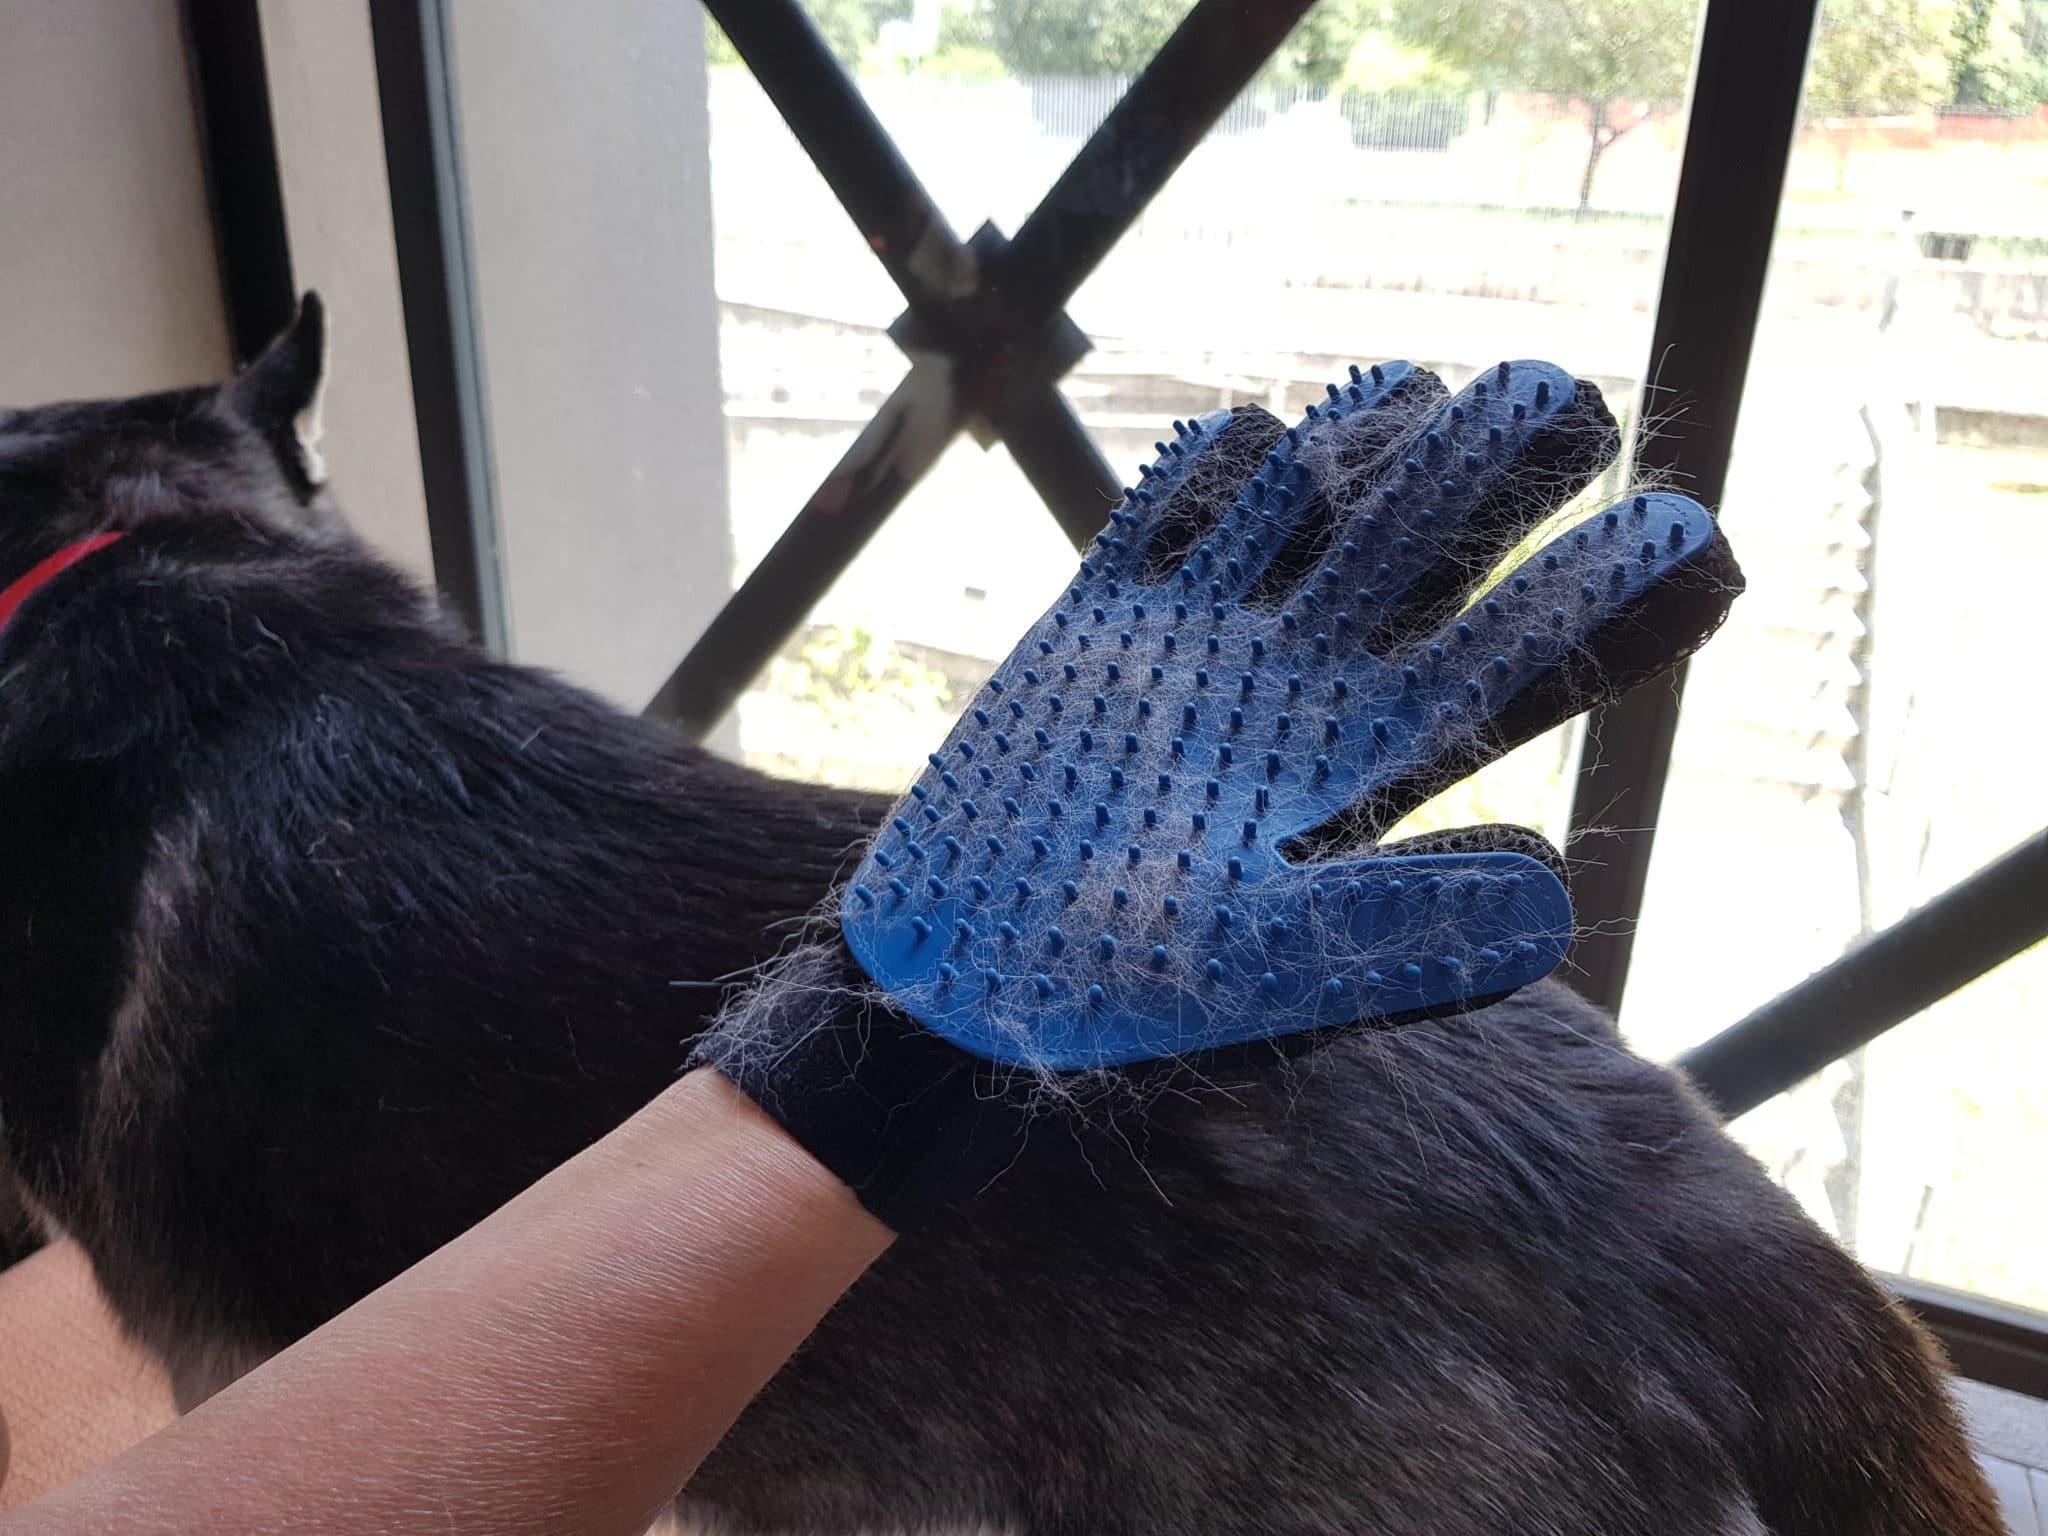 Recensione Guanto Spazzola e Massaggio per cani e gatti